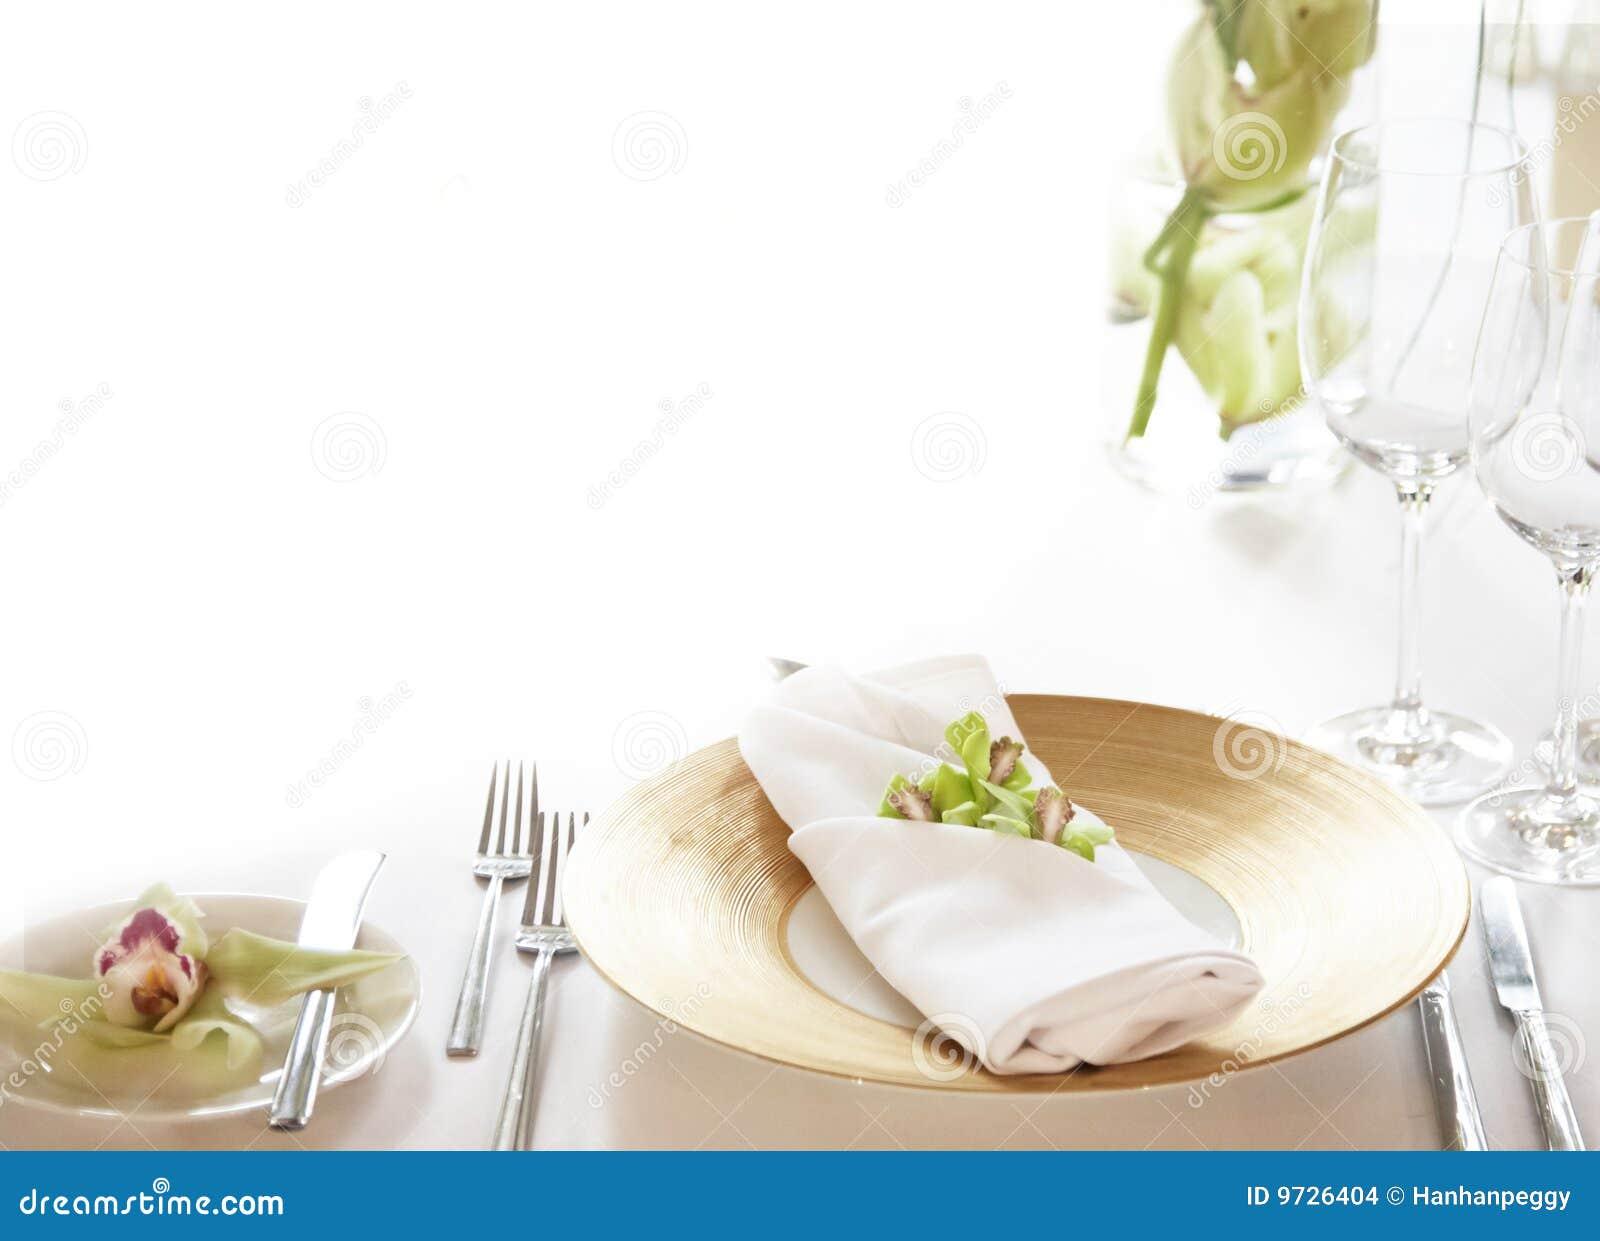 Elegant table setting background